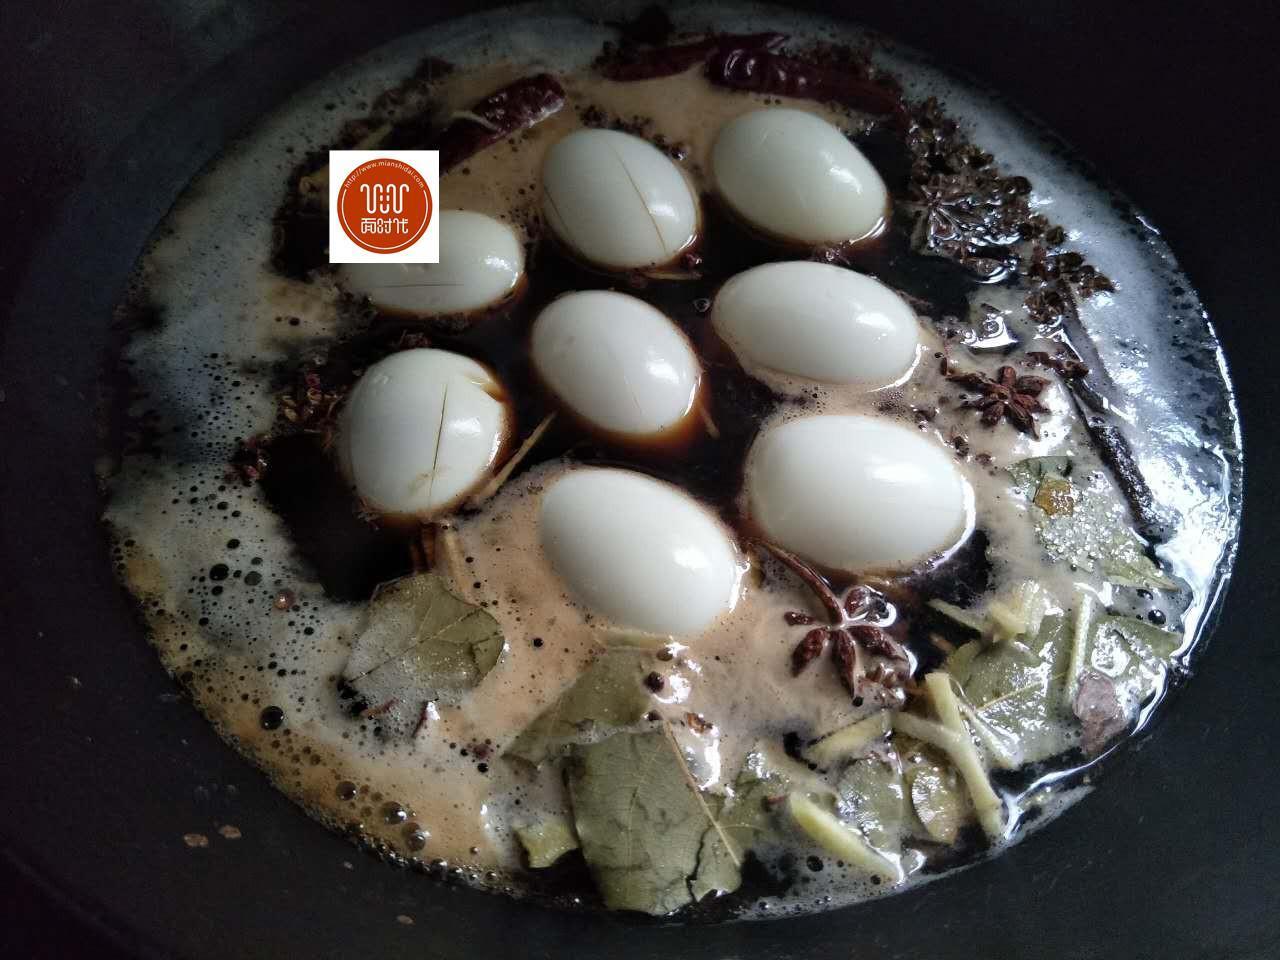 鸡蛋别再用清水煮,用这种方法真比肉还好吃,做法还简单! - 武汉老徐 - 武汉老徐的博客